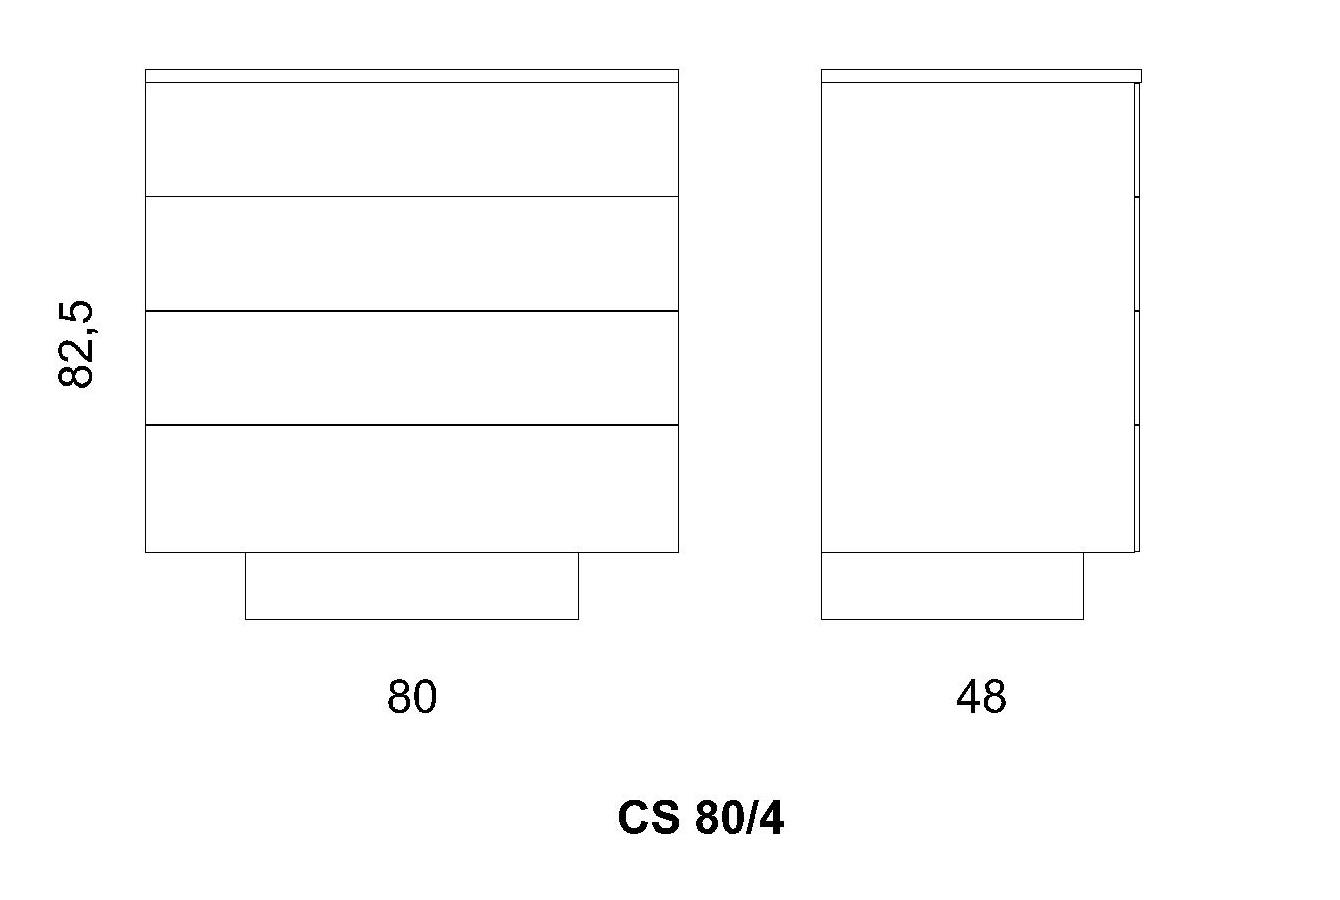 Cassettiera CS 80/4